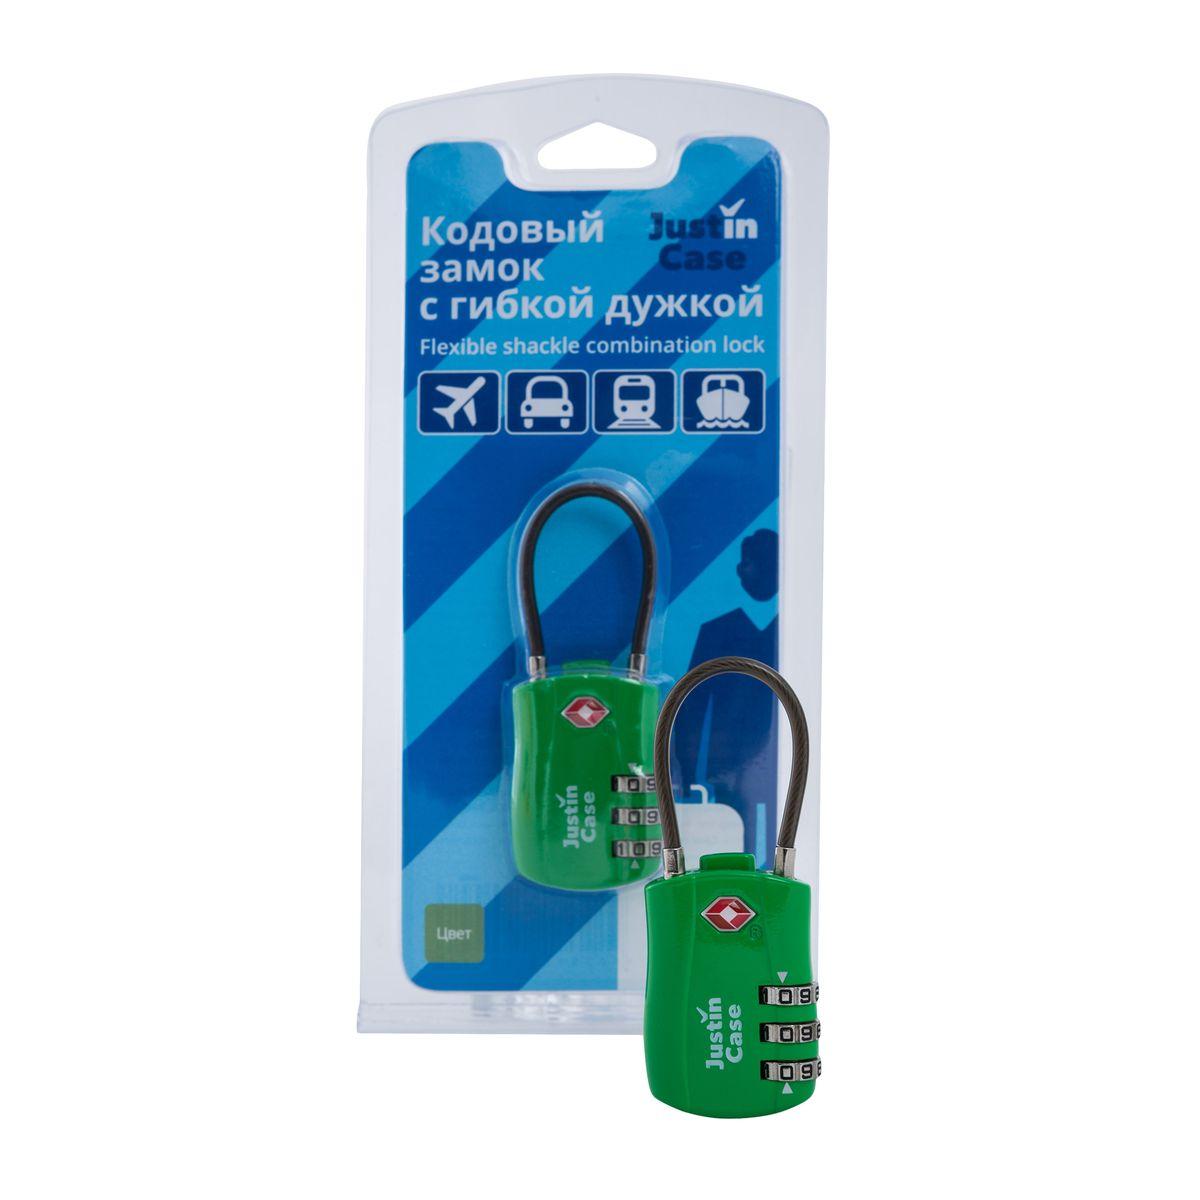 Замок кодовыйс JustinCase  3-Dial Lock TSA , с гибкой дужкой, цвет: зеленый - Замки для багажа